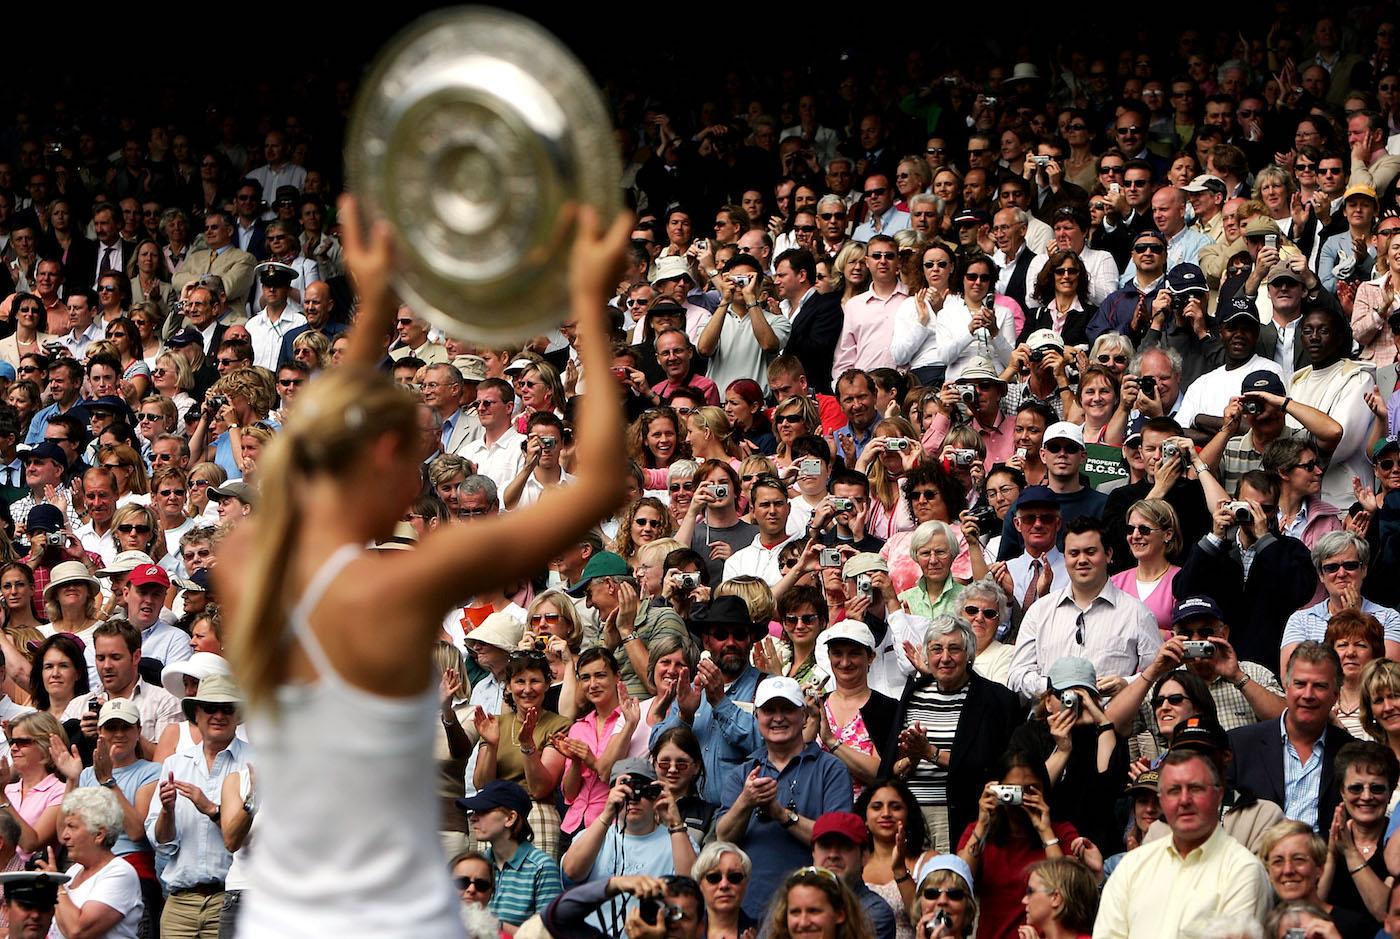 Wimbledon Championships 2004 - Day 12